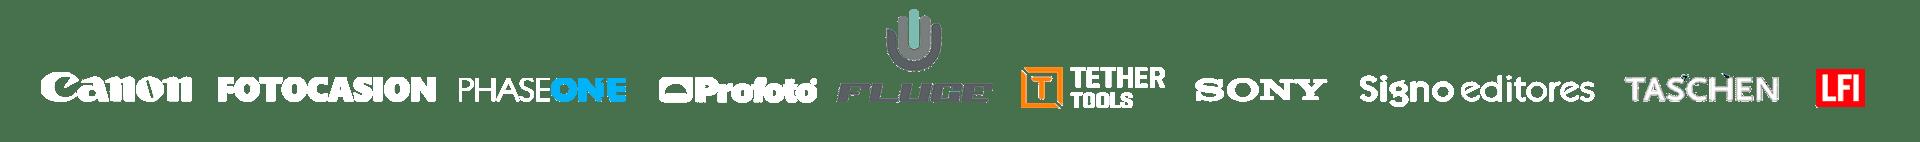 logos-mpf-actualizado-version-final